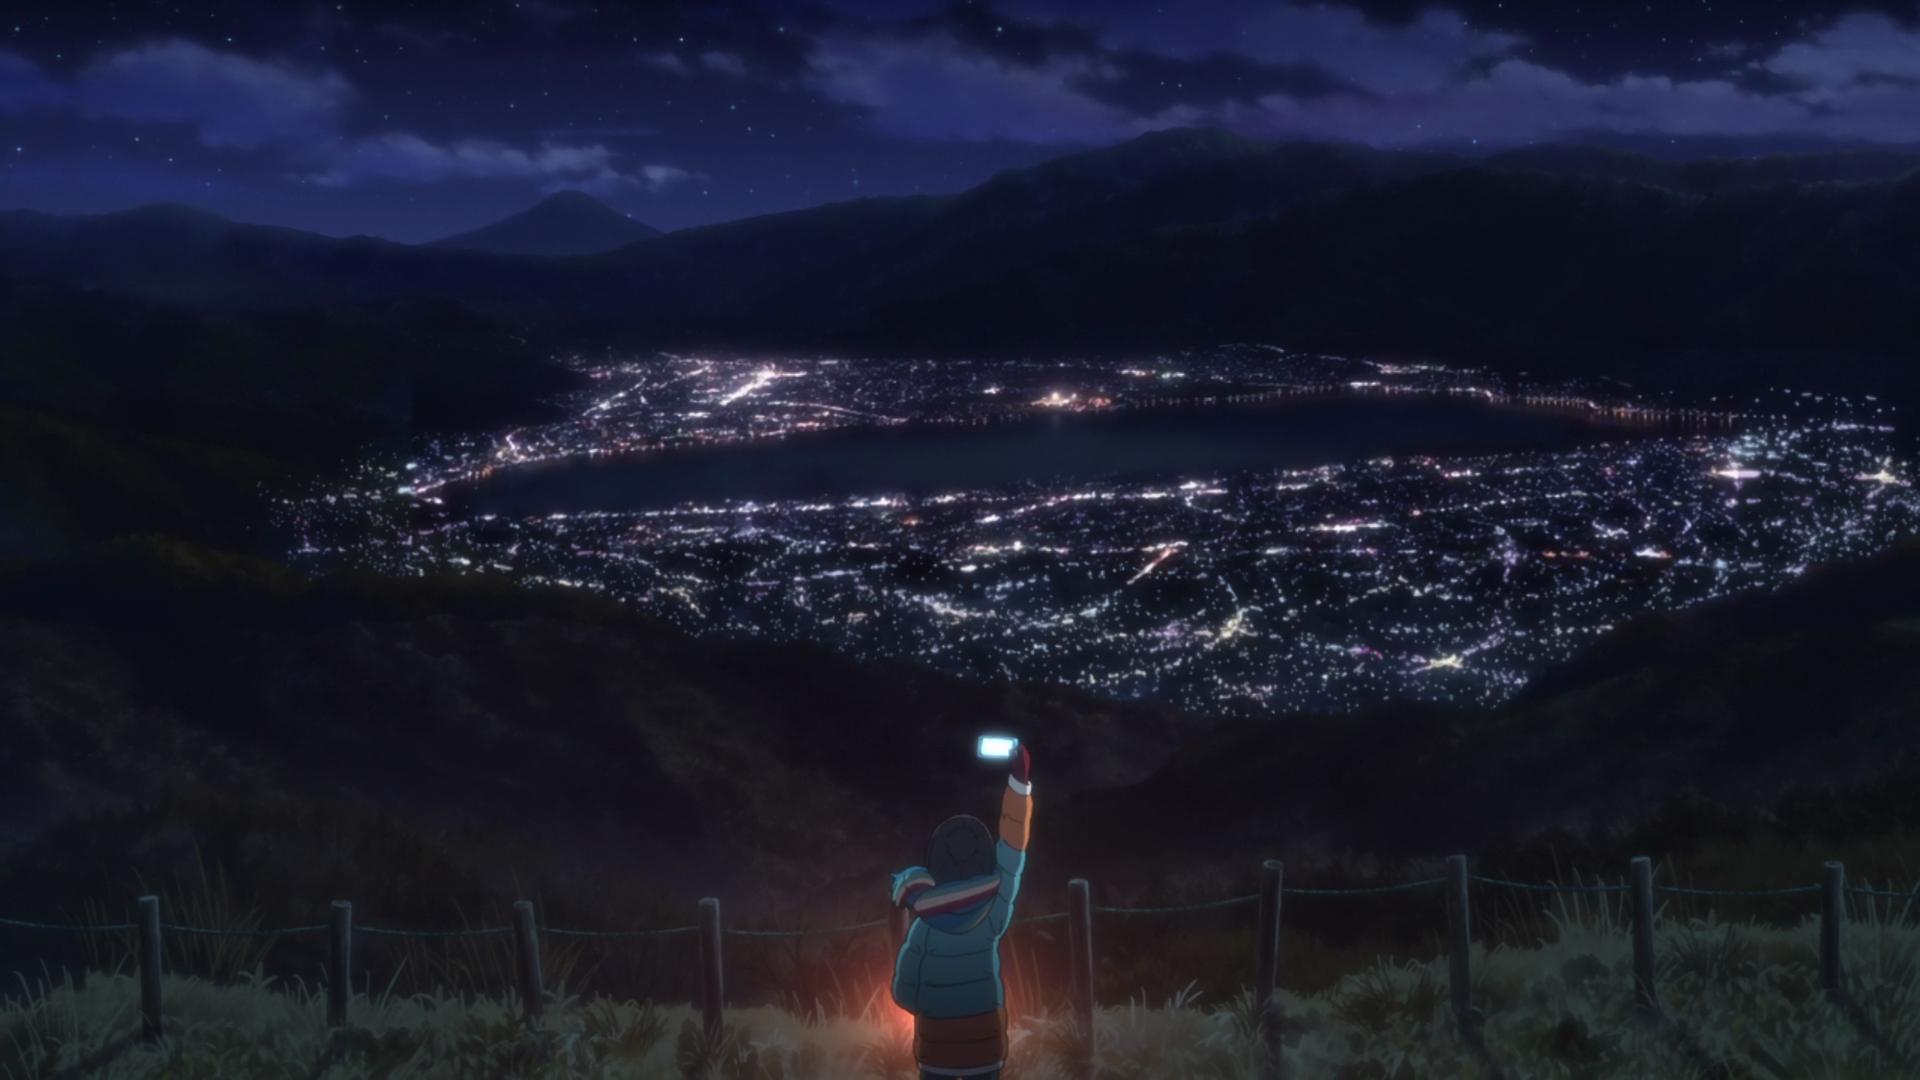 Anime 1920x1080 Yuru Camp night view anime night sky